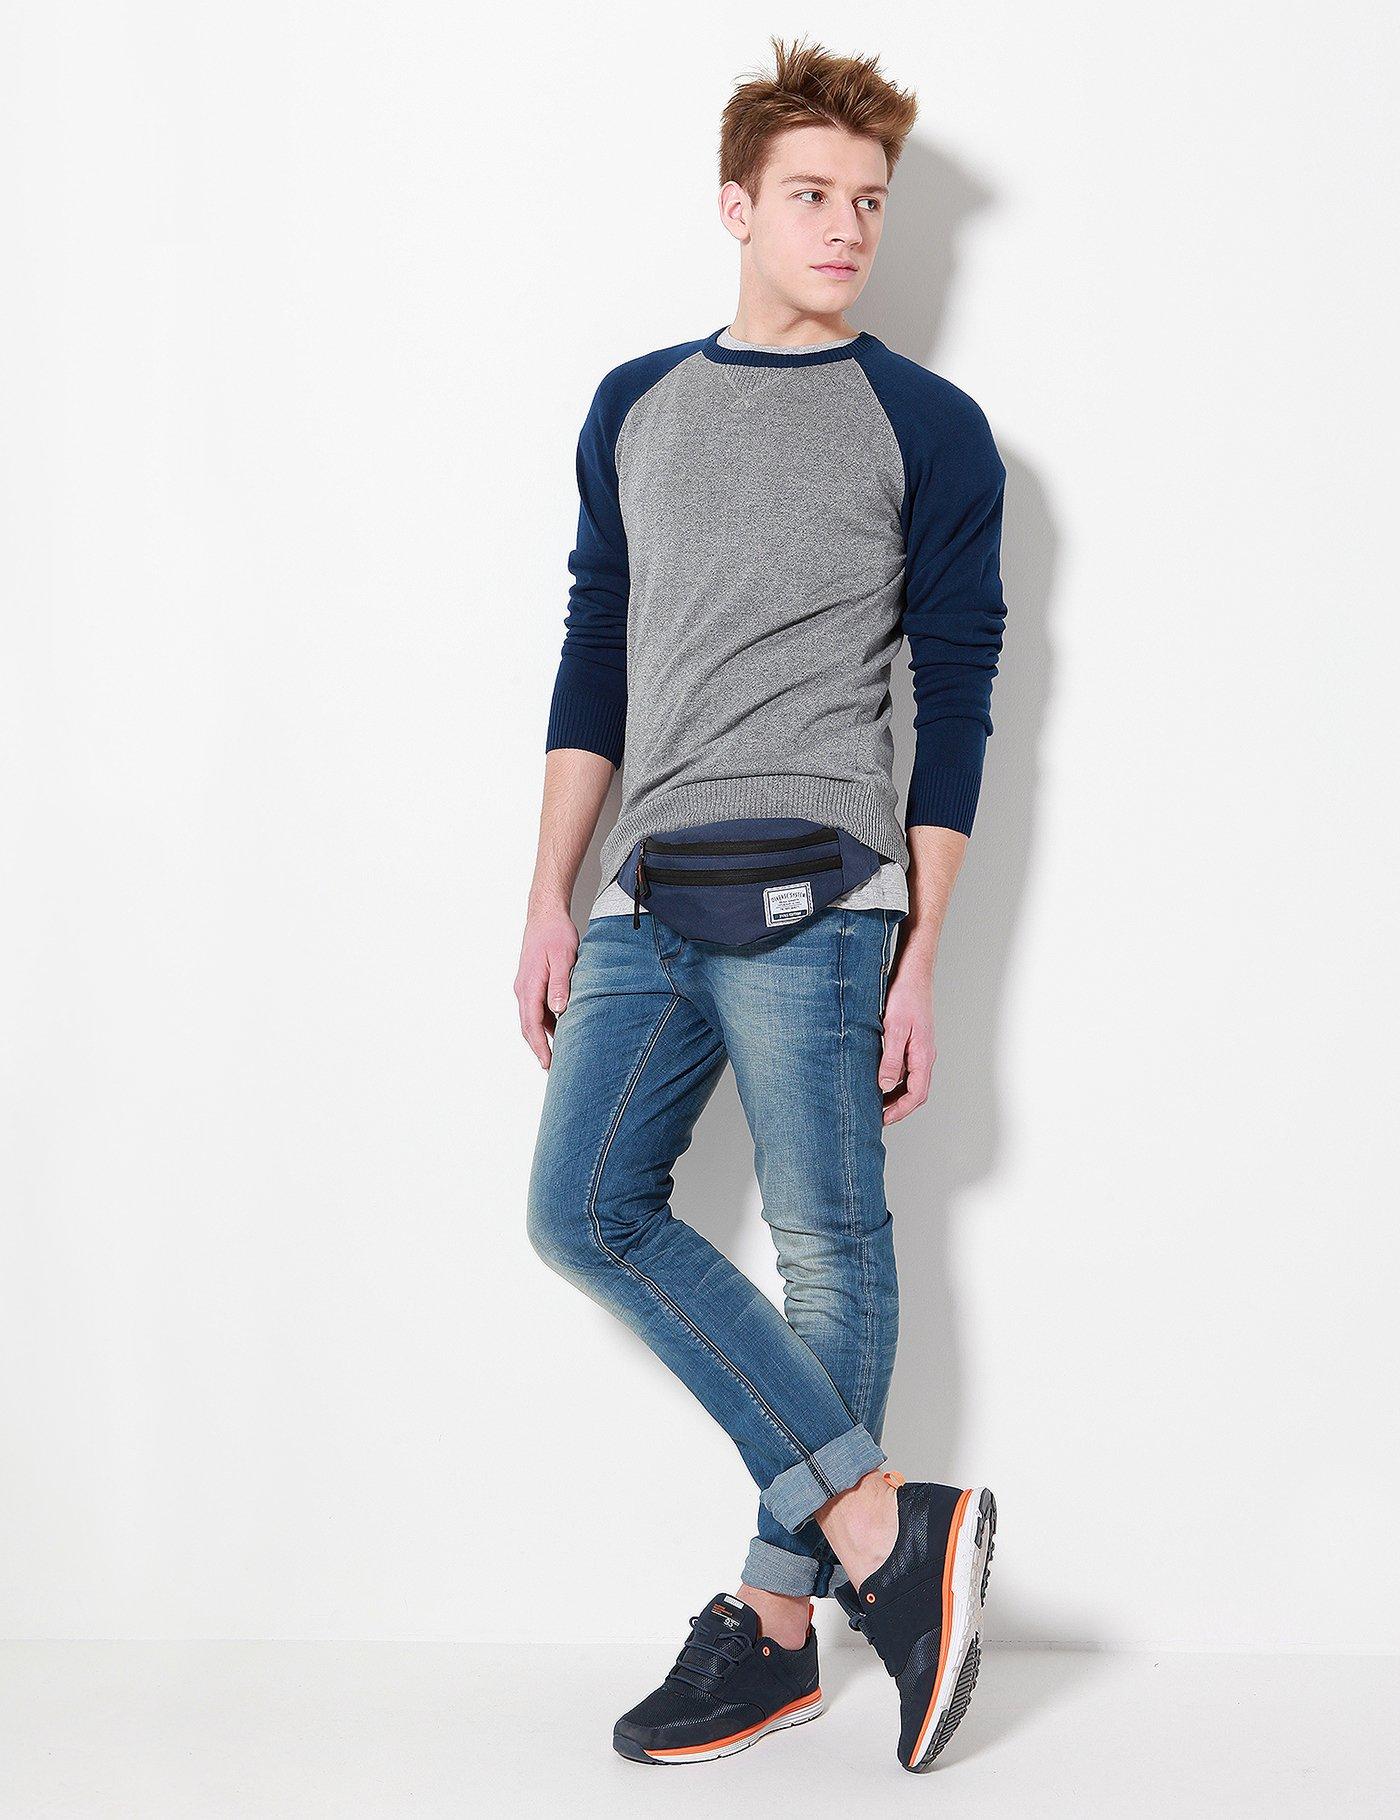 Męski sweter za 24zł (76zł taniej) @ Diverse